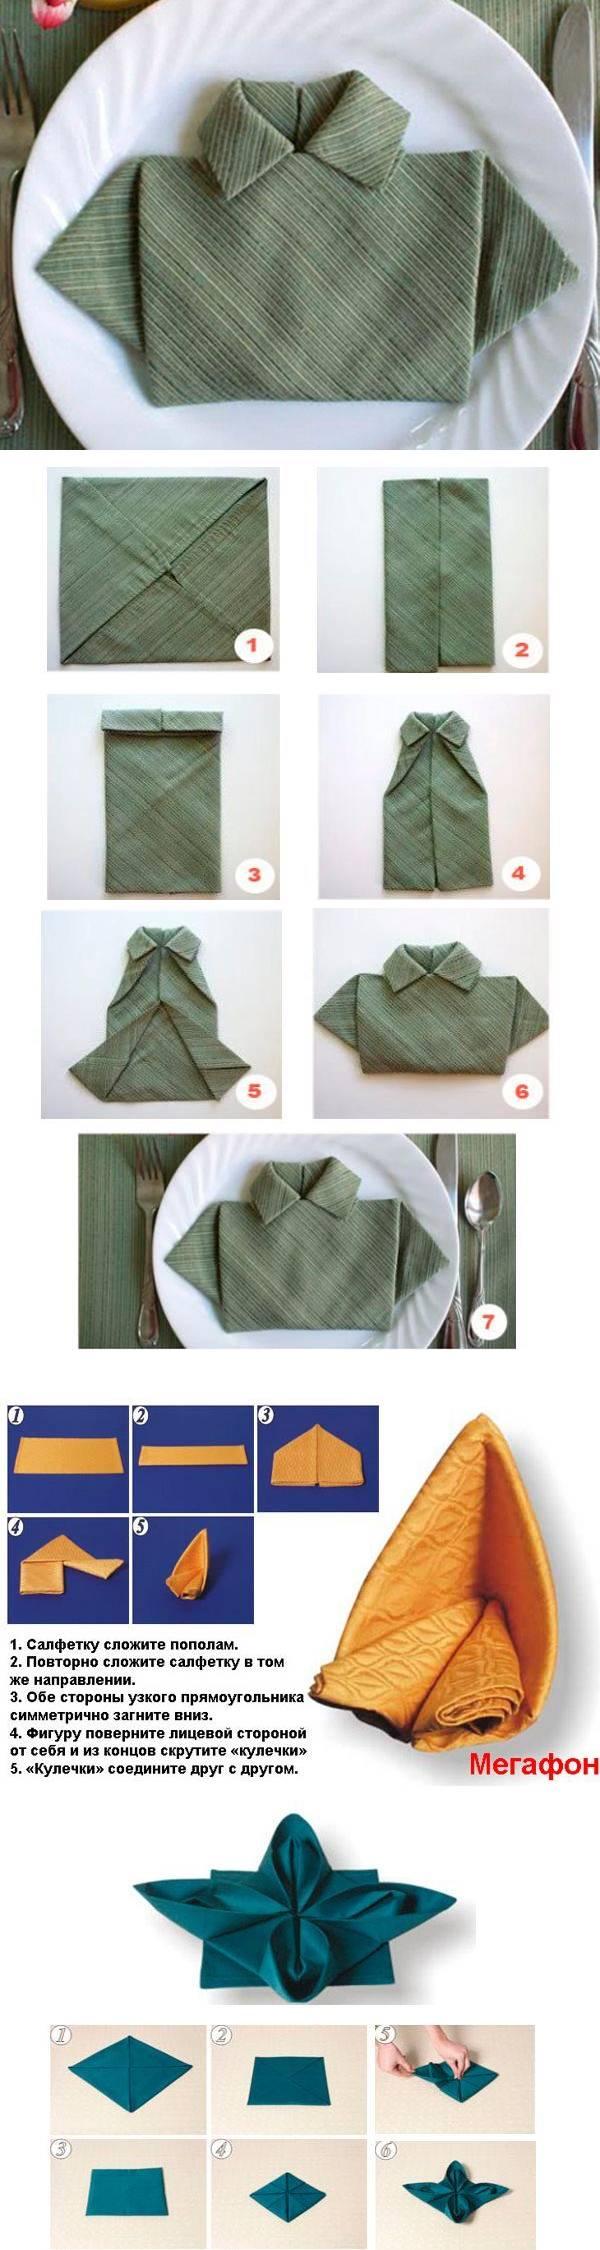 24 способа красиво сложить салфетки